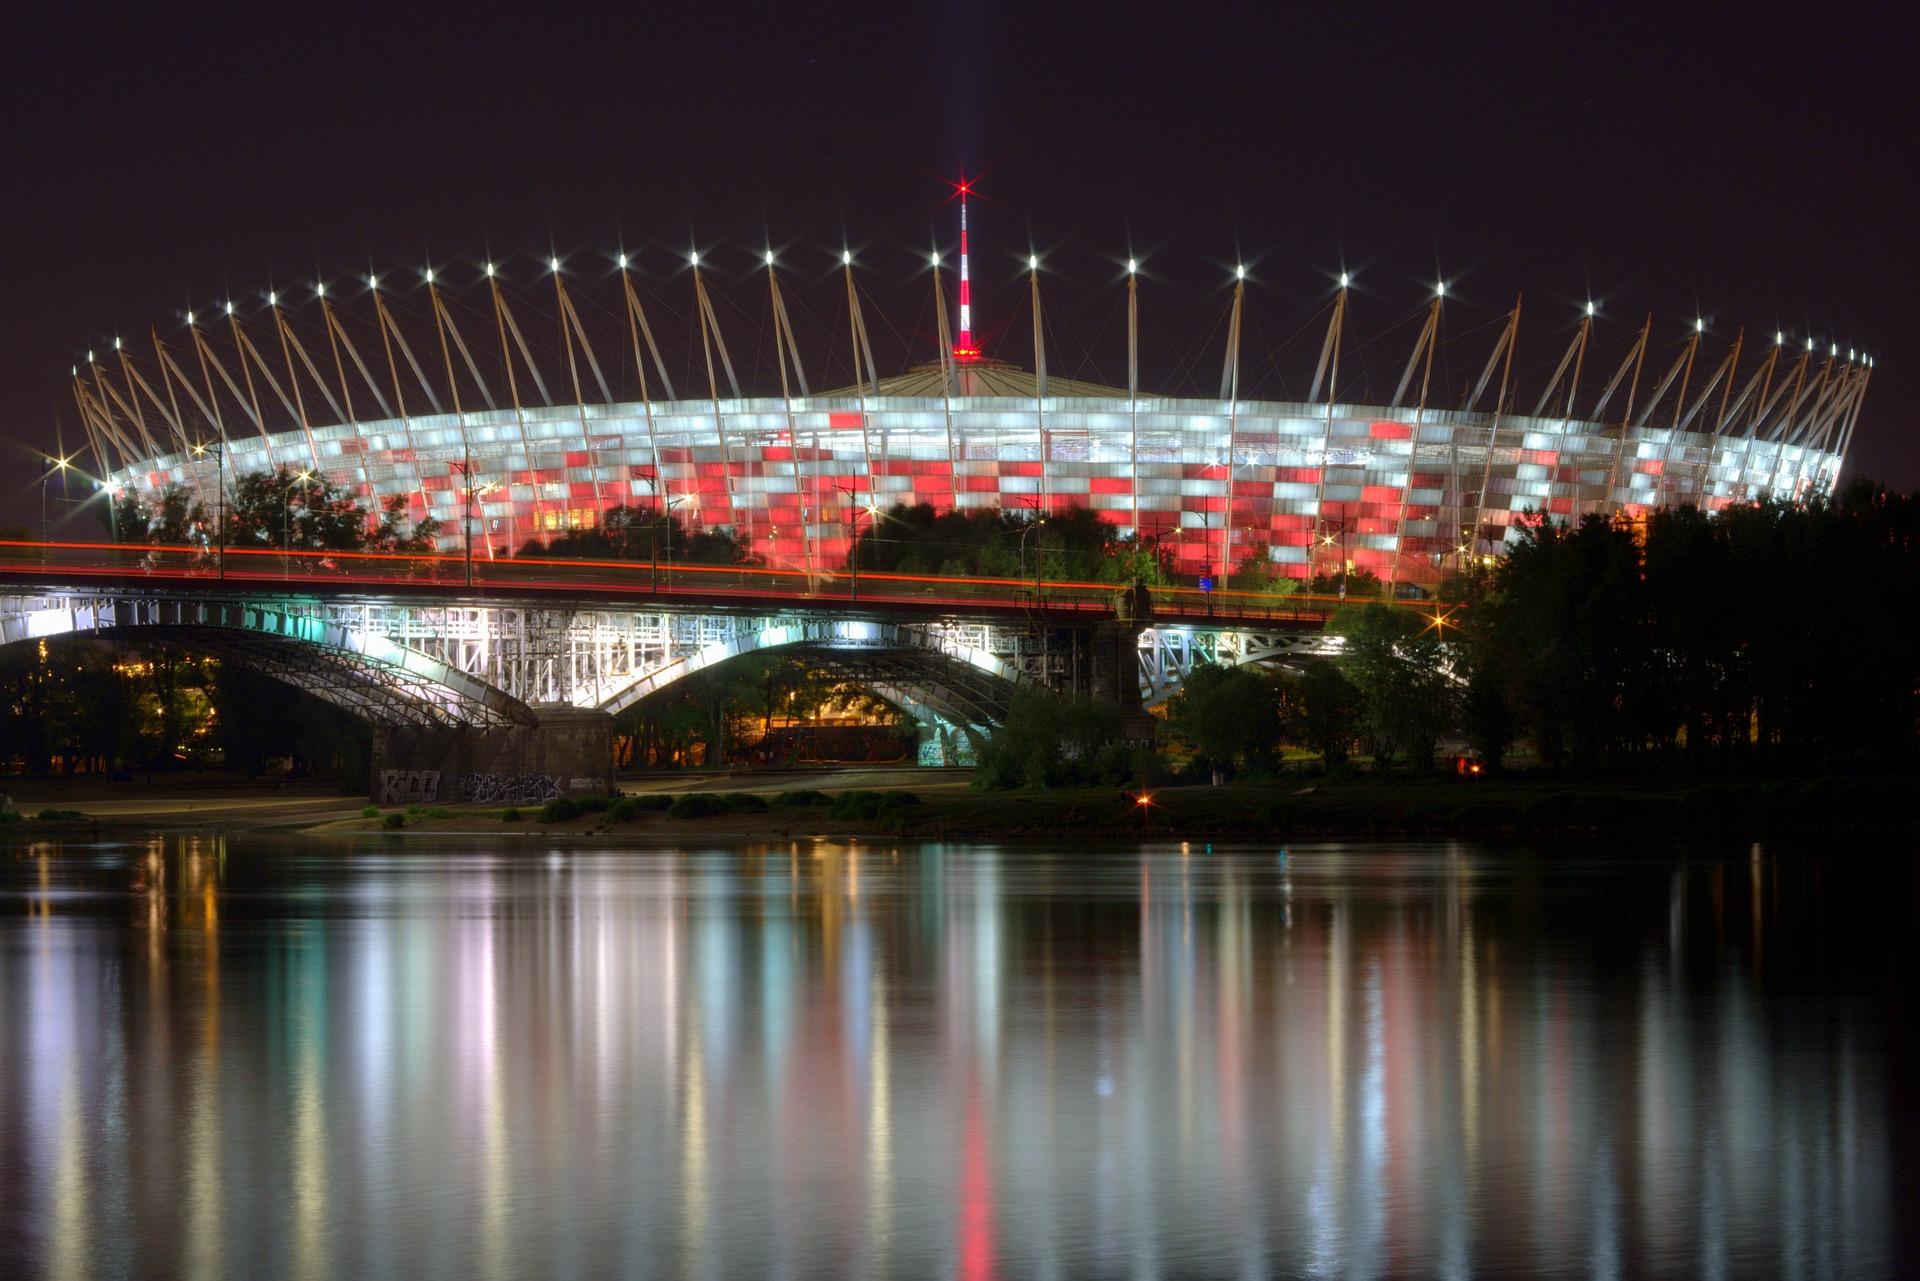 stadion-1398391_1920